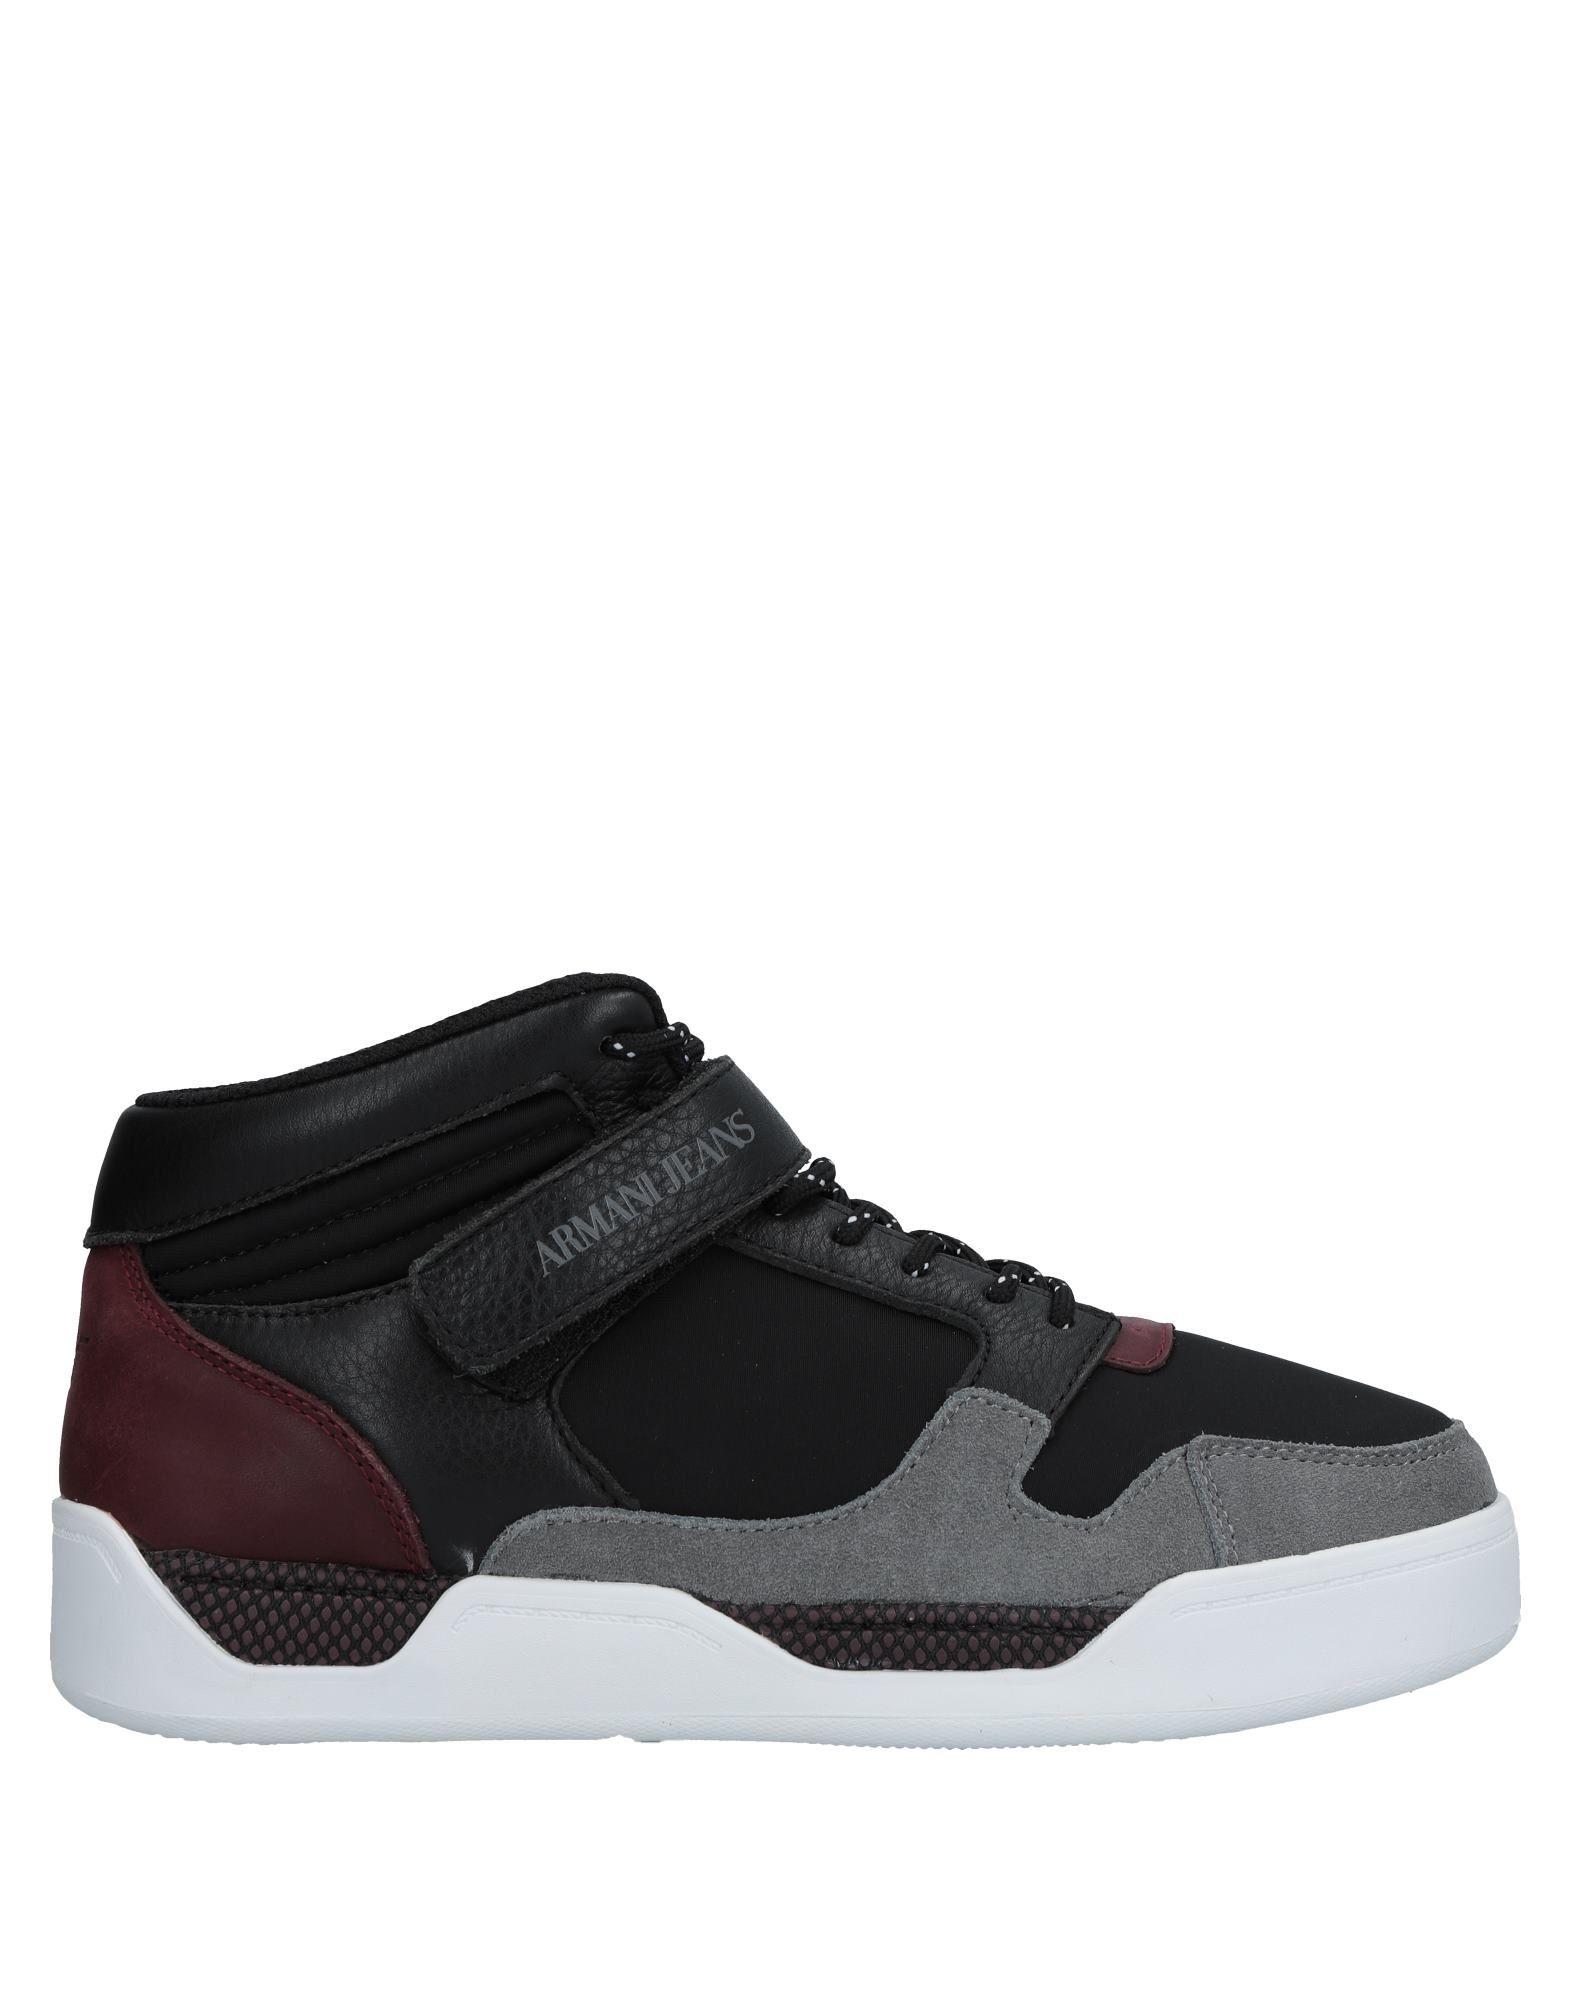 Rabatt echte Schuhe Armani Jeans Sneakers Herren  11519528NH